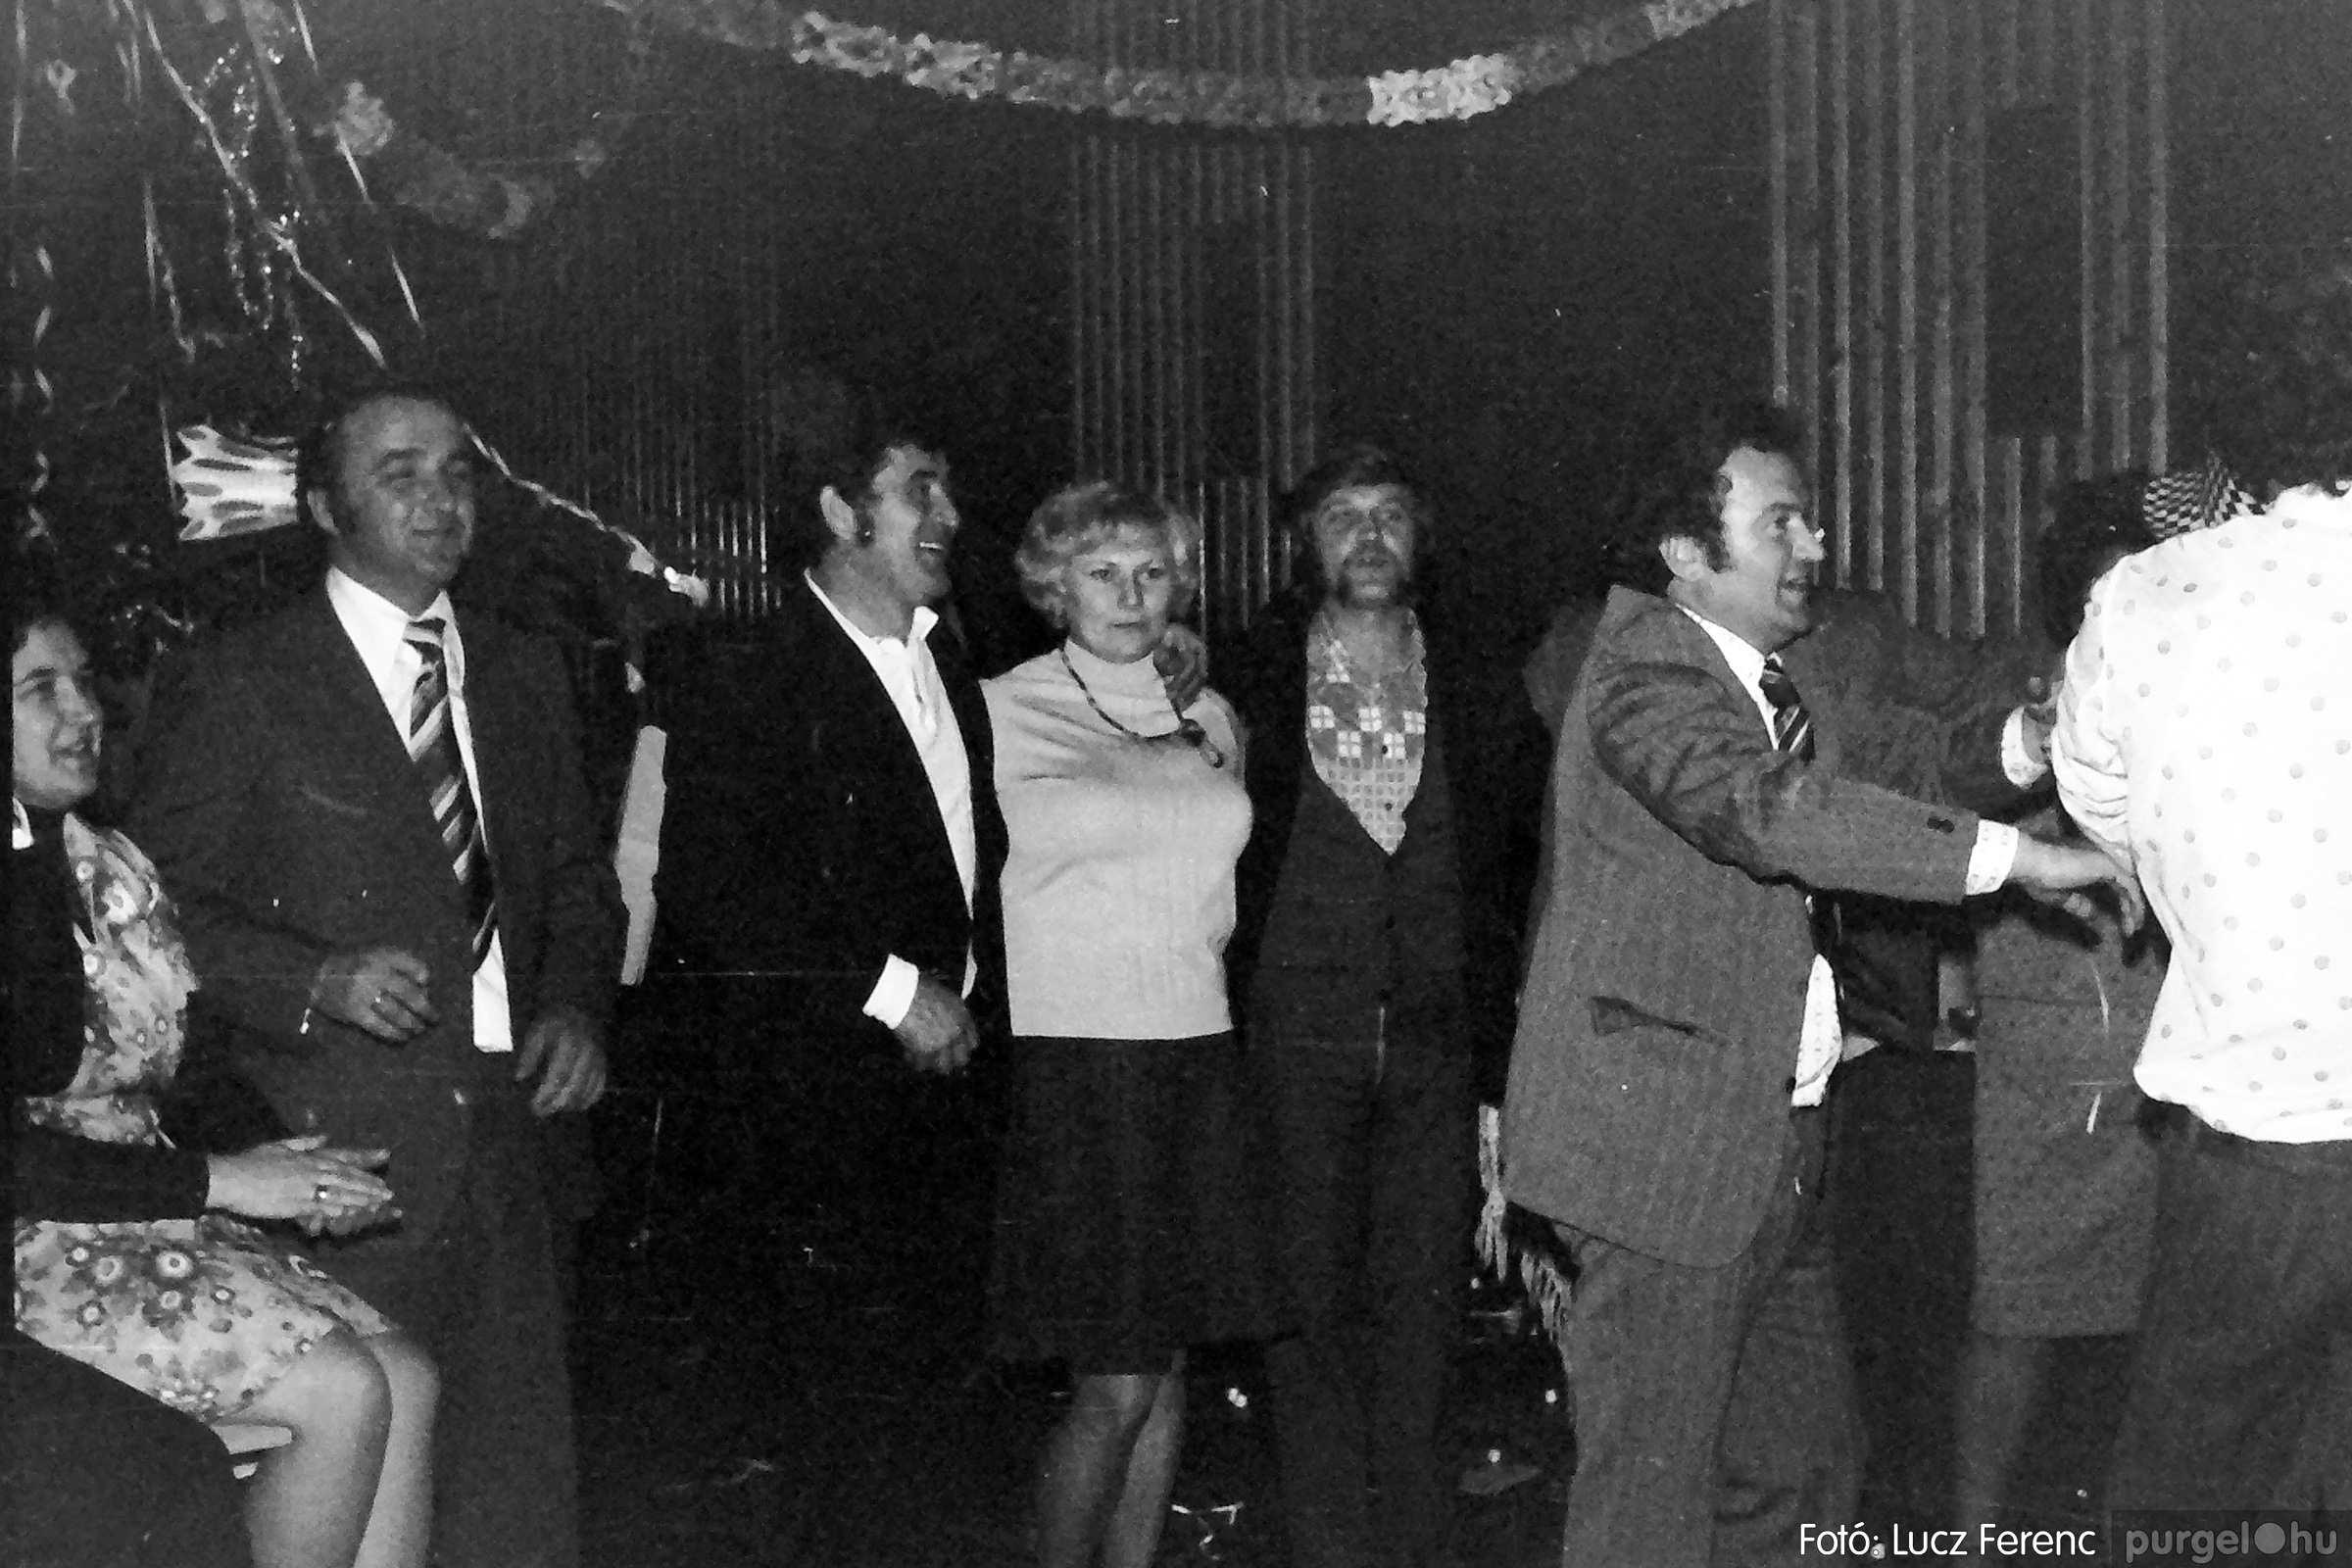 070. 1976.12.31. Szilveszter a kultúrházban 006. - Fotó: Lucz Ferenc.jpg